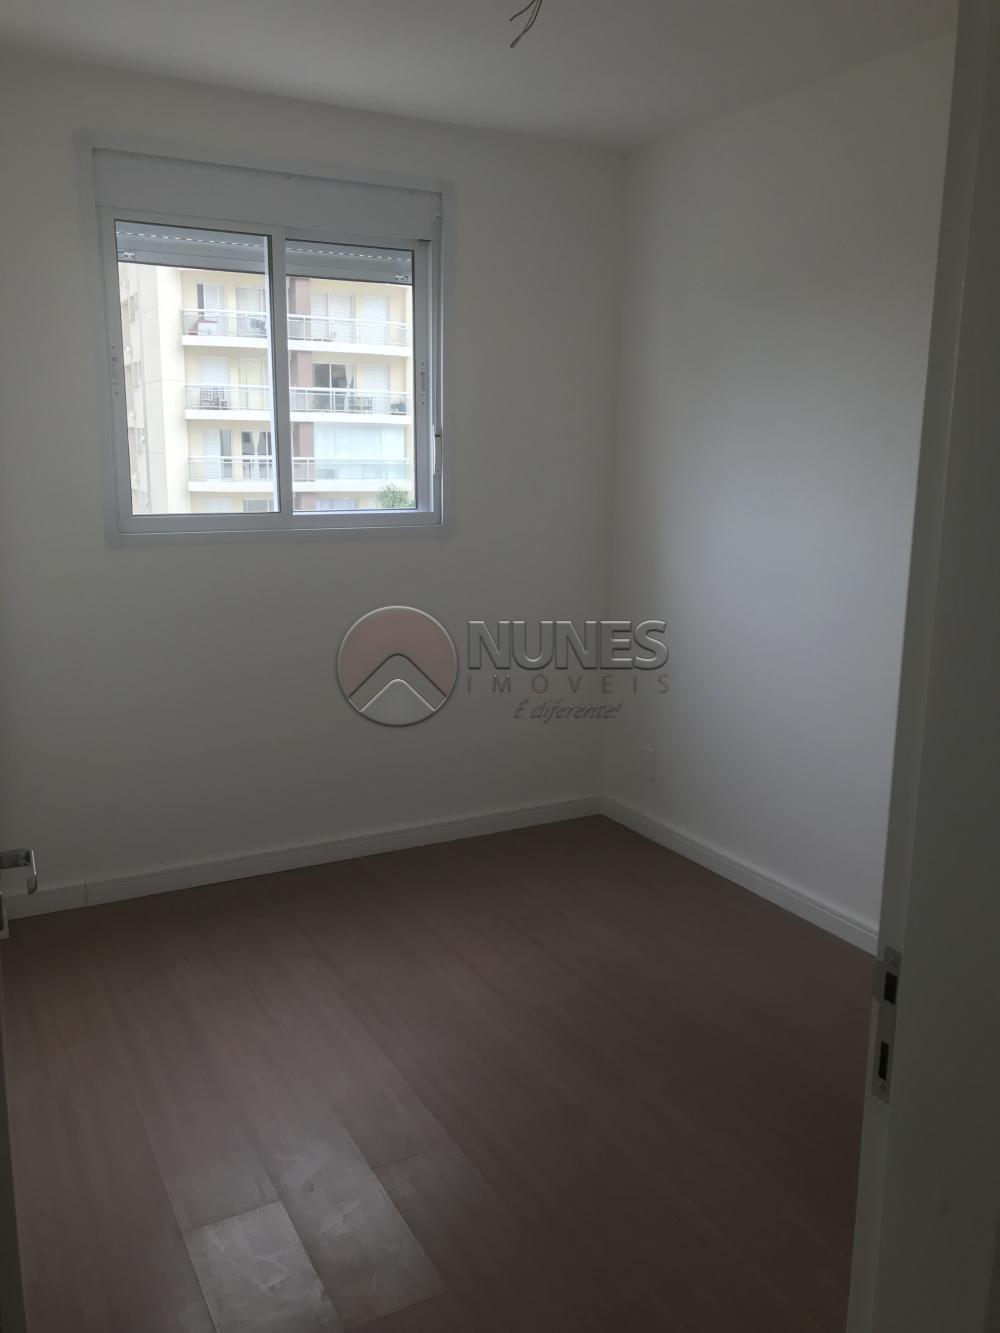 Comprar Apartamento / Padrão em São Paulo apenas R$ 590.000,00 - Foto 11